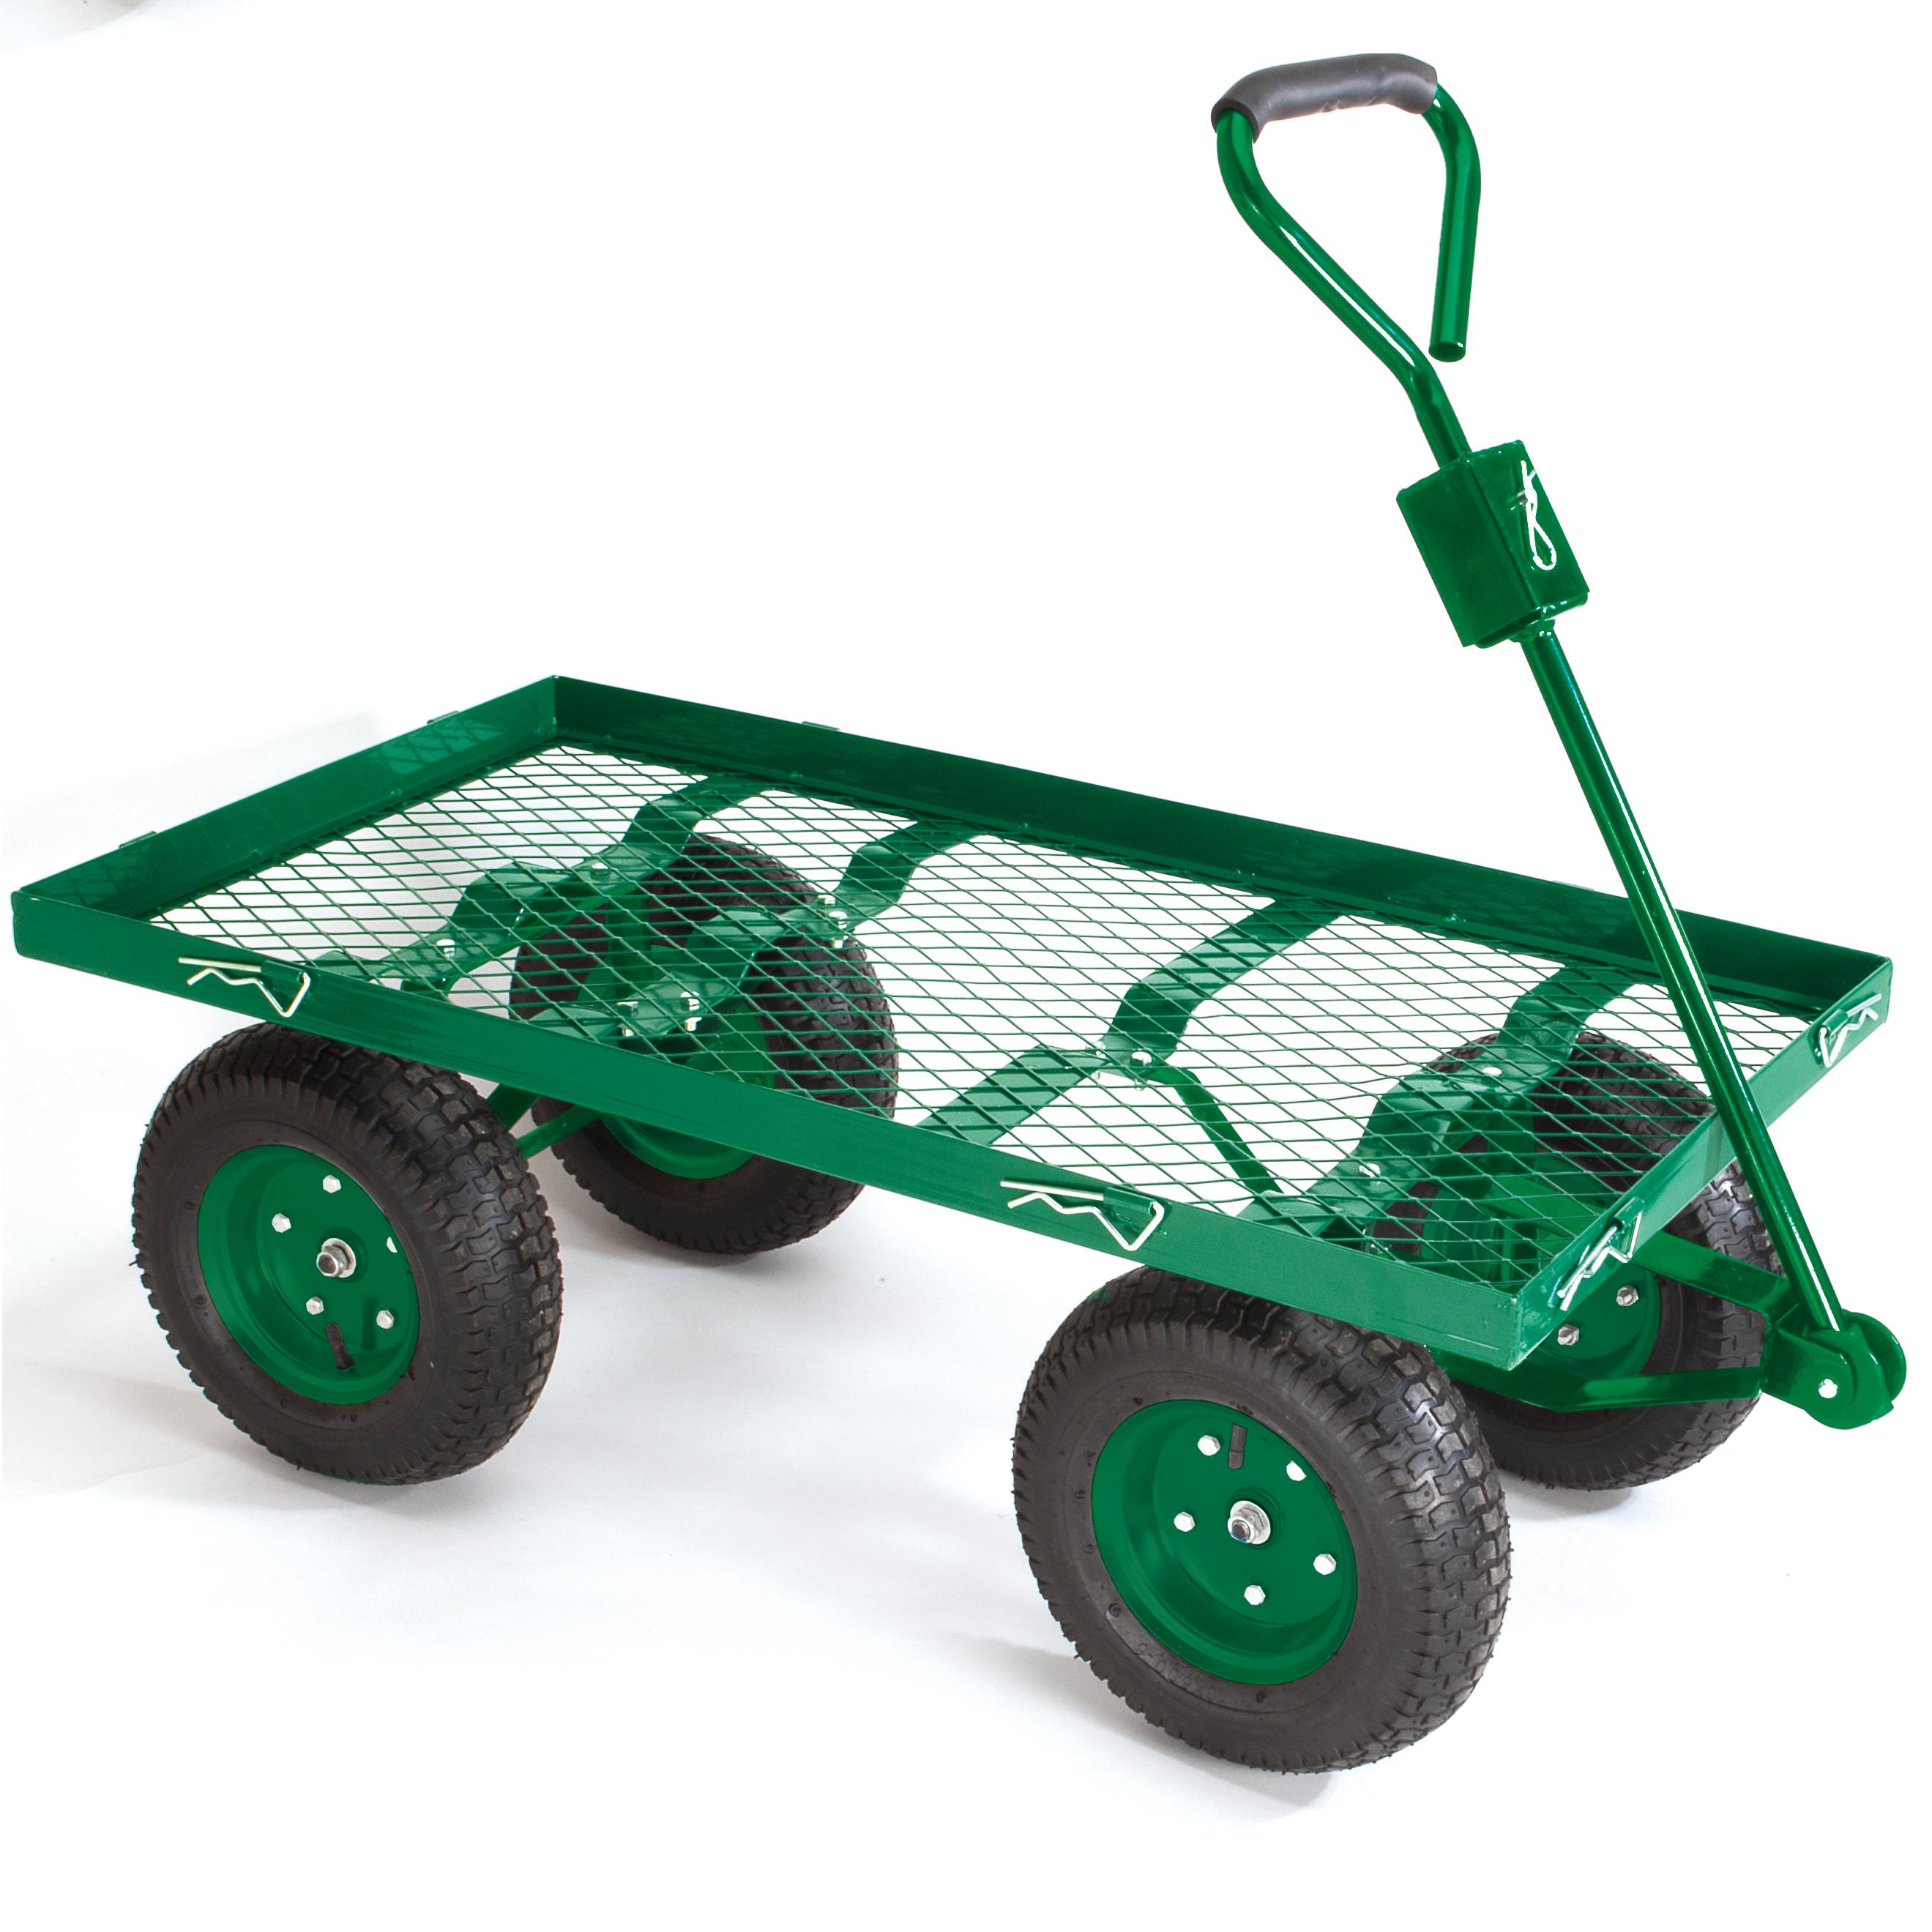 Chariot de jardin bâché grillagé 7 roues - Distriartisan